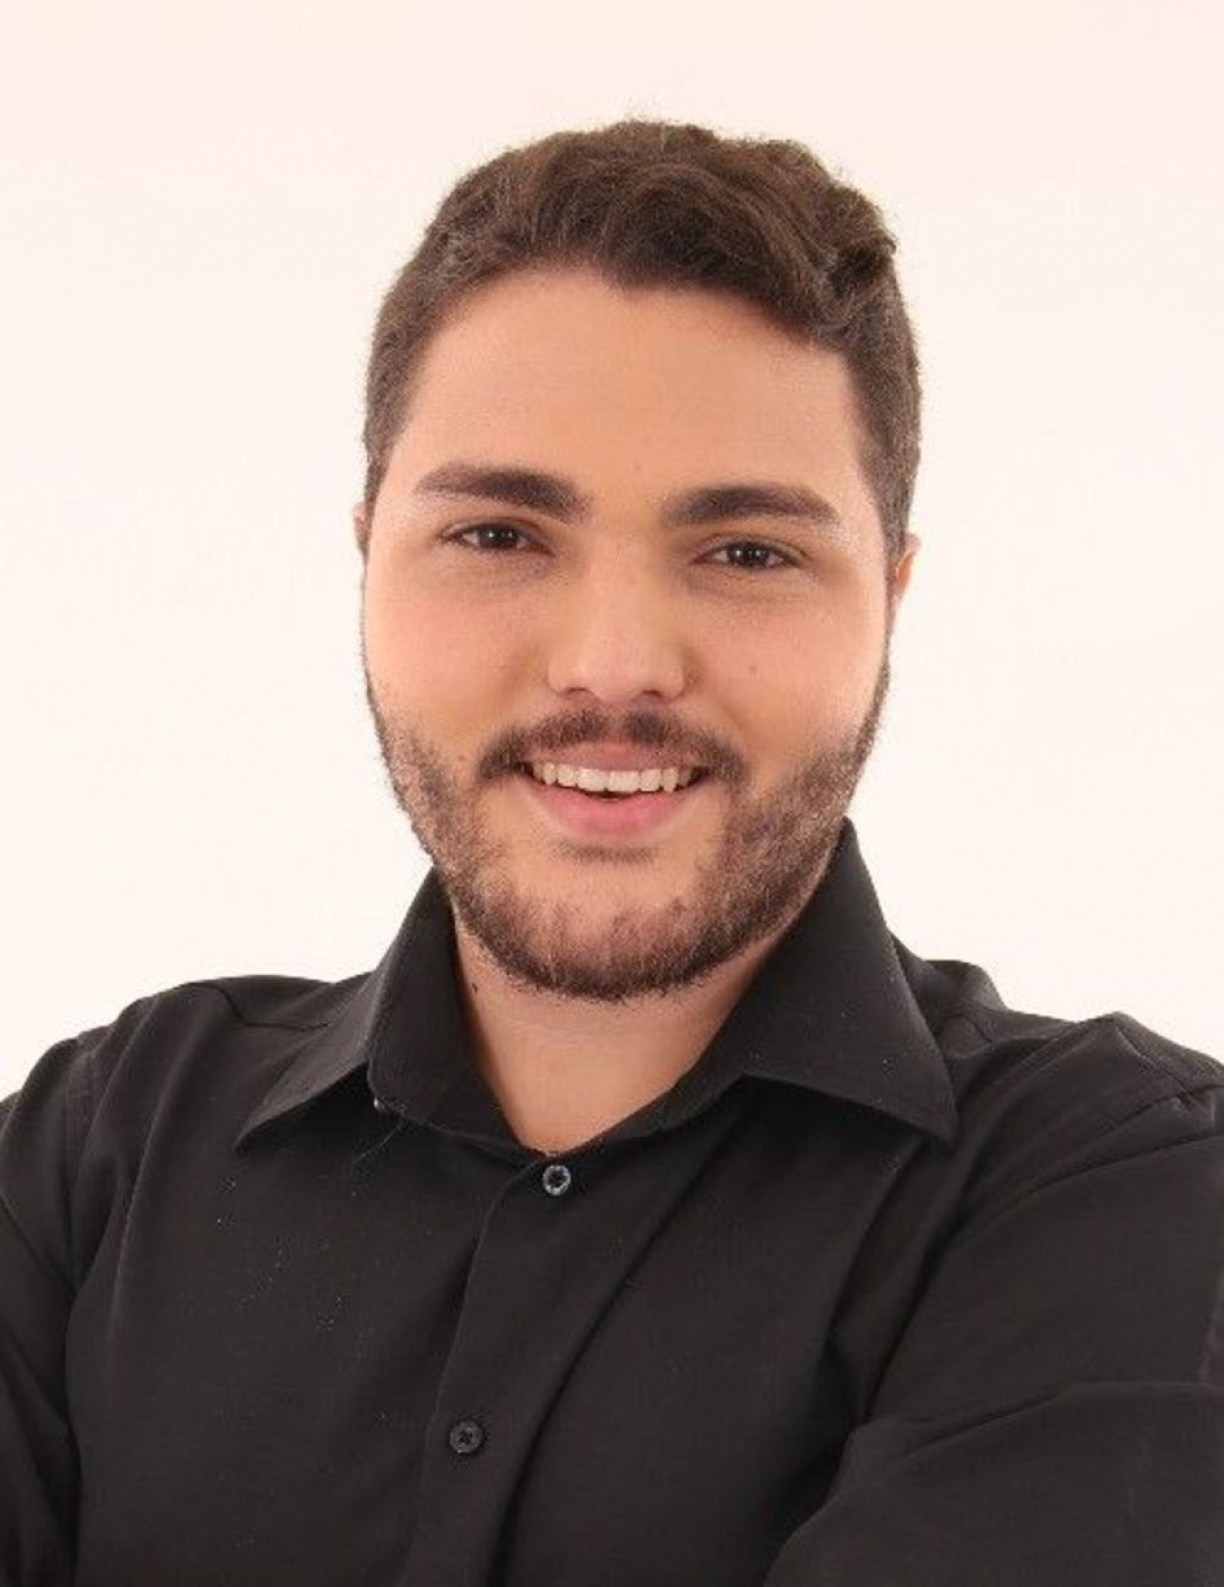 Vinícius Barros